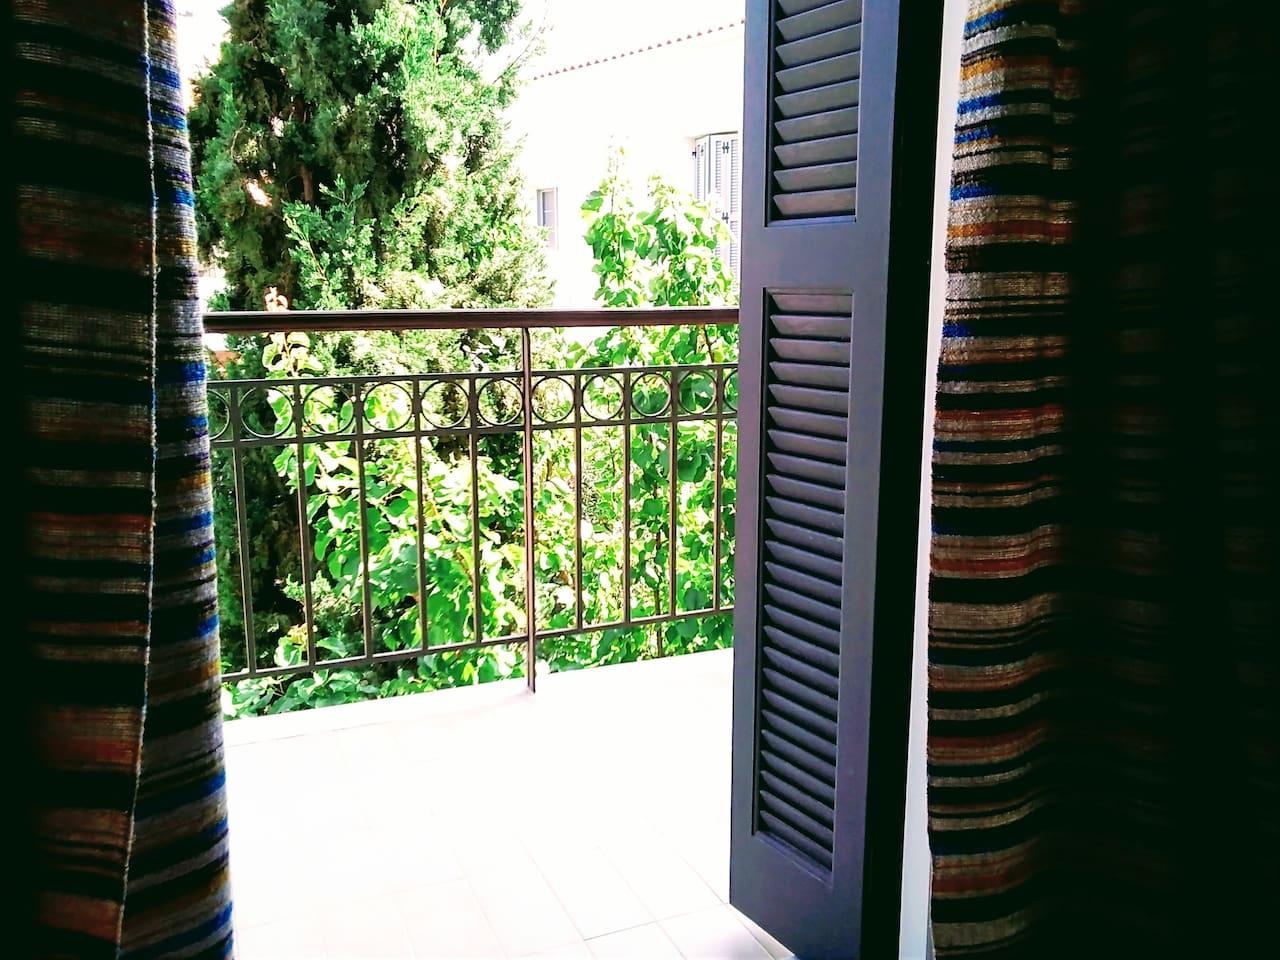 Ιδιωτικό δωμάτιο στο λιμανι Βαθεος